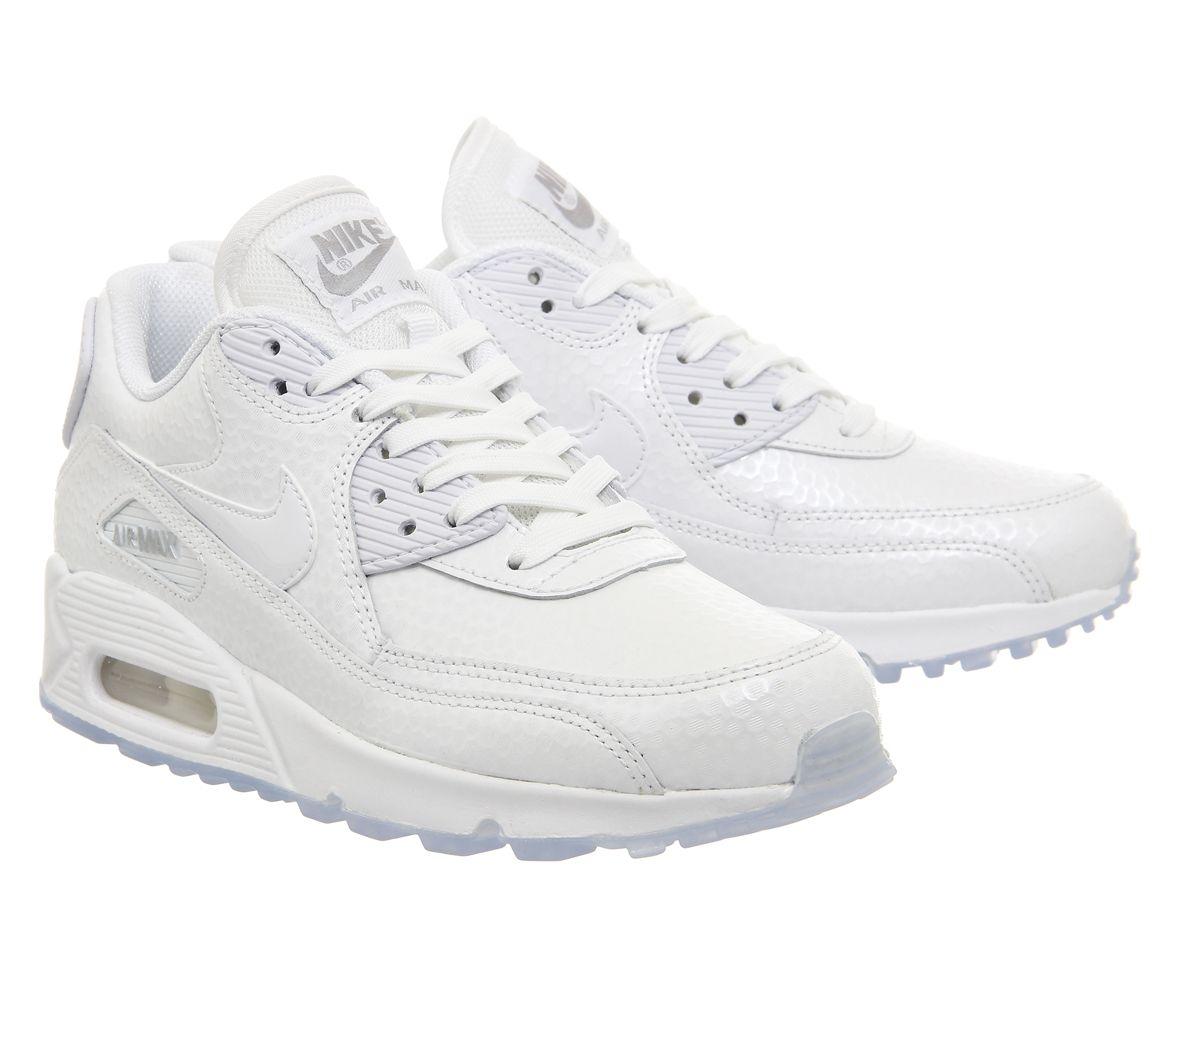 Nike Air Max 90 Formateurs Cuir Mono Vieux Blanc